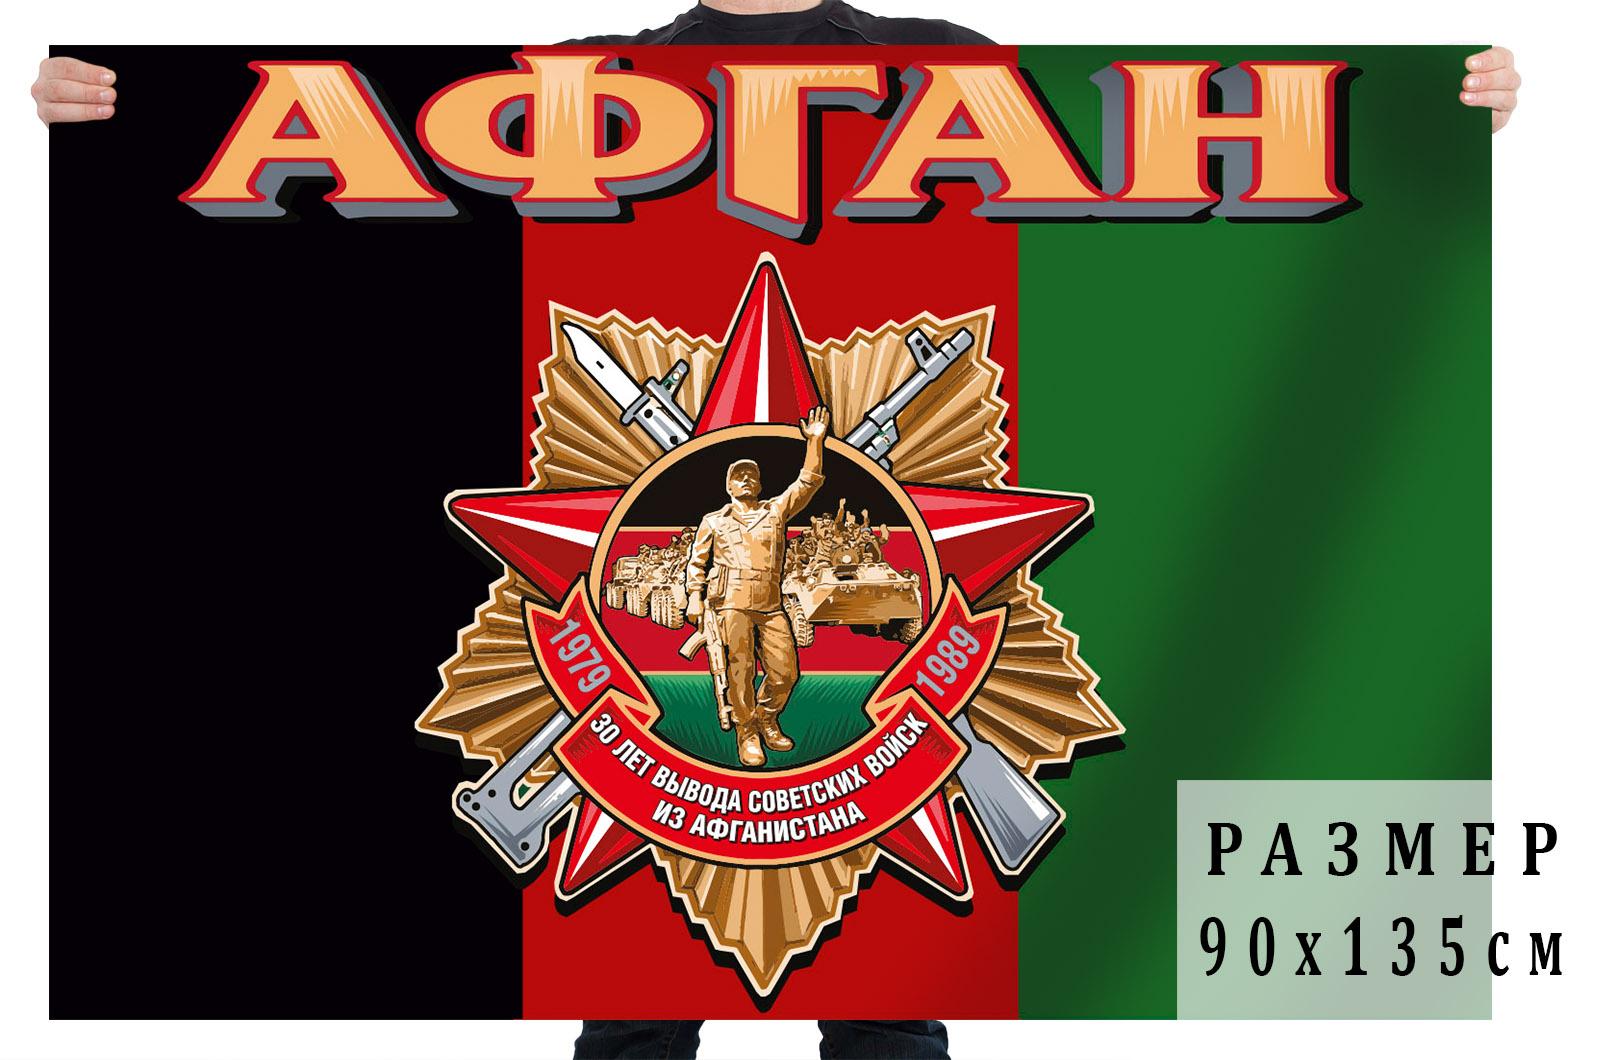 Цветной флаг с Афганским орденом